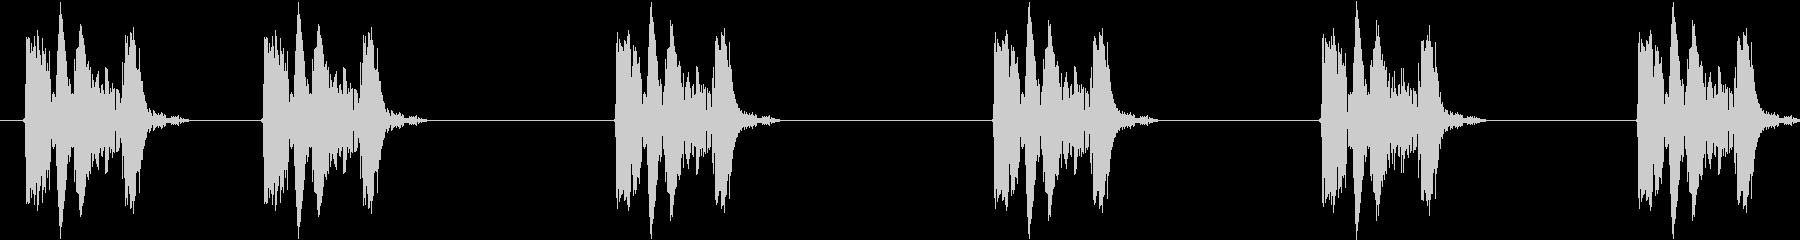 サイレンサー付きハンドガン:シック...の未再生の波形